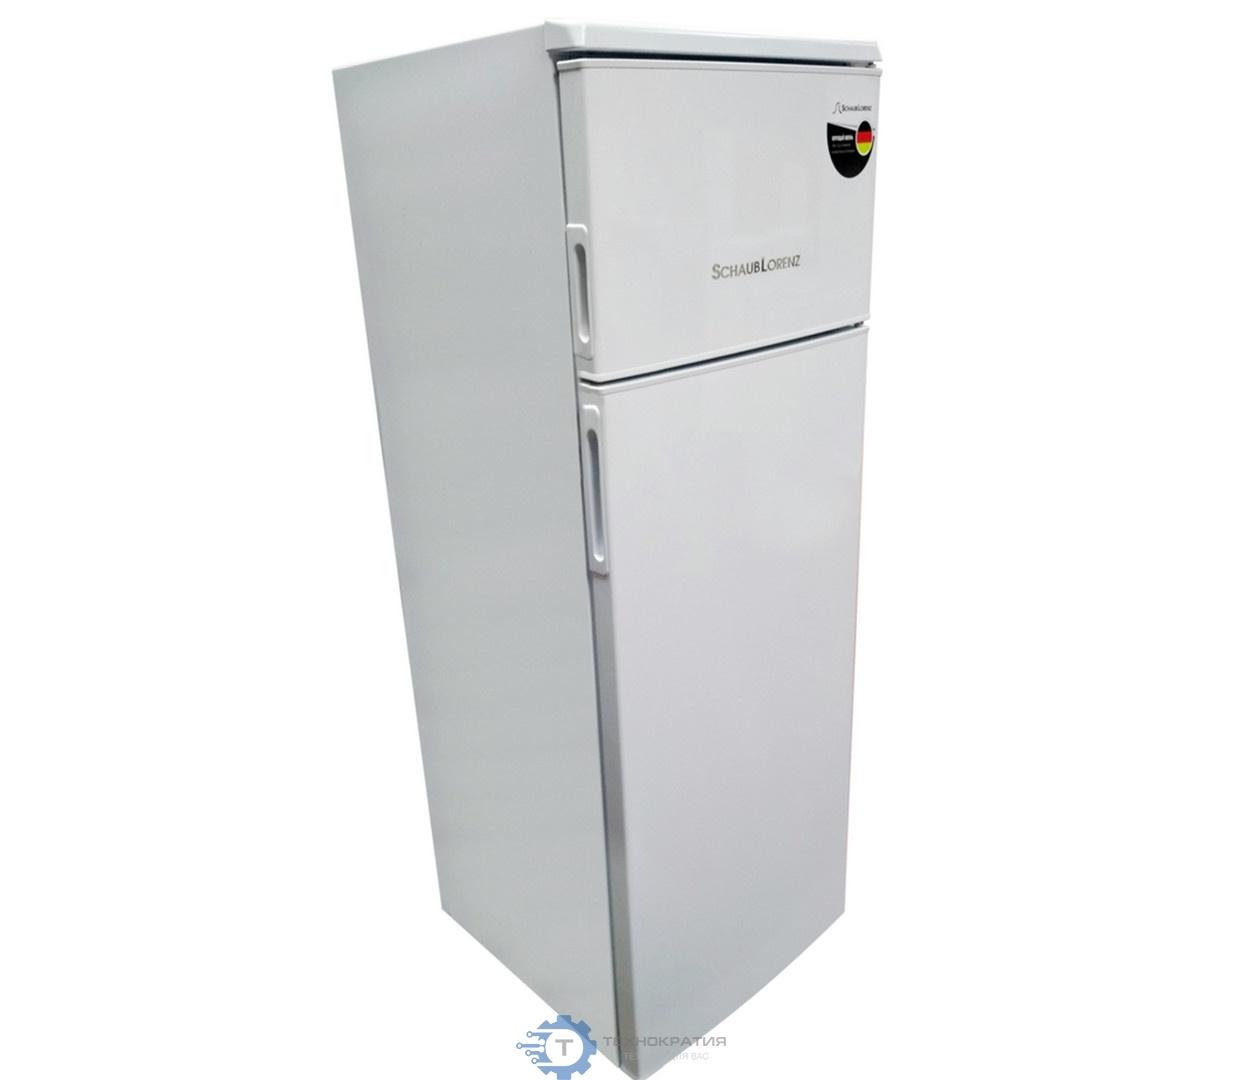 Фото вывоза холодильника в Москве и Московской области